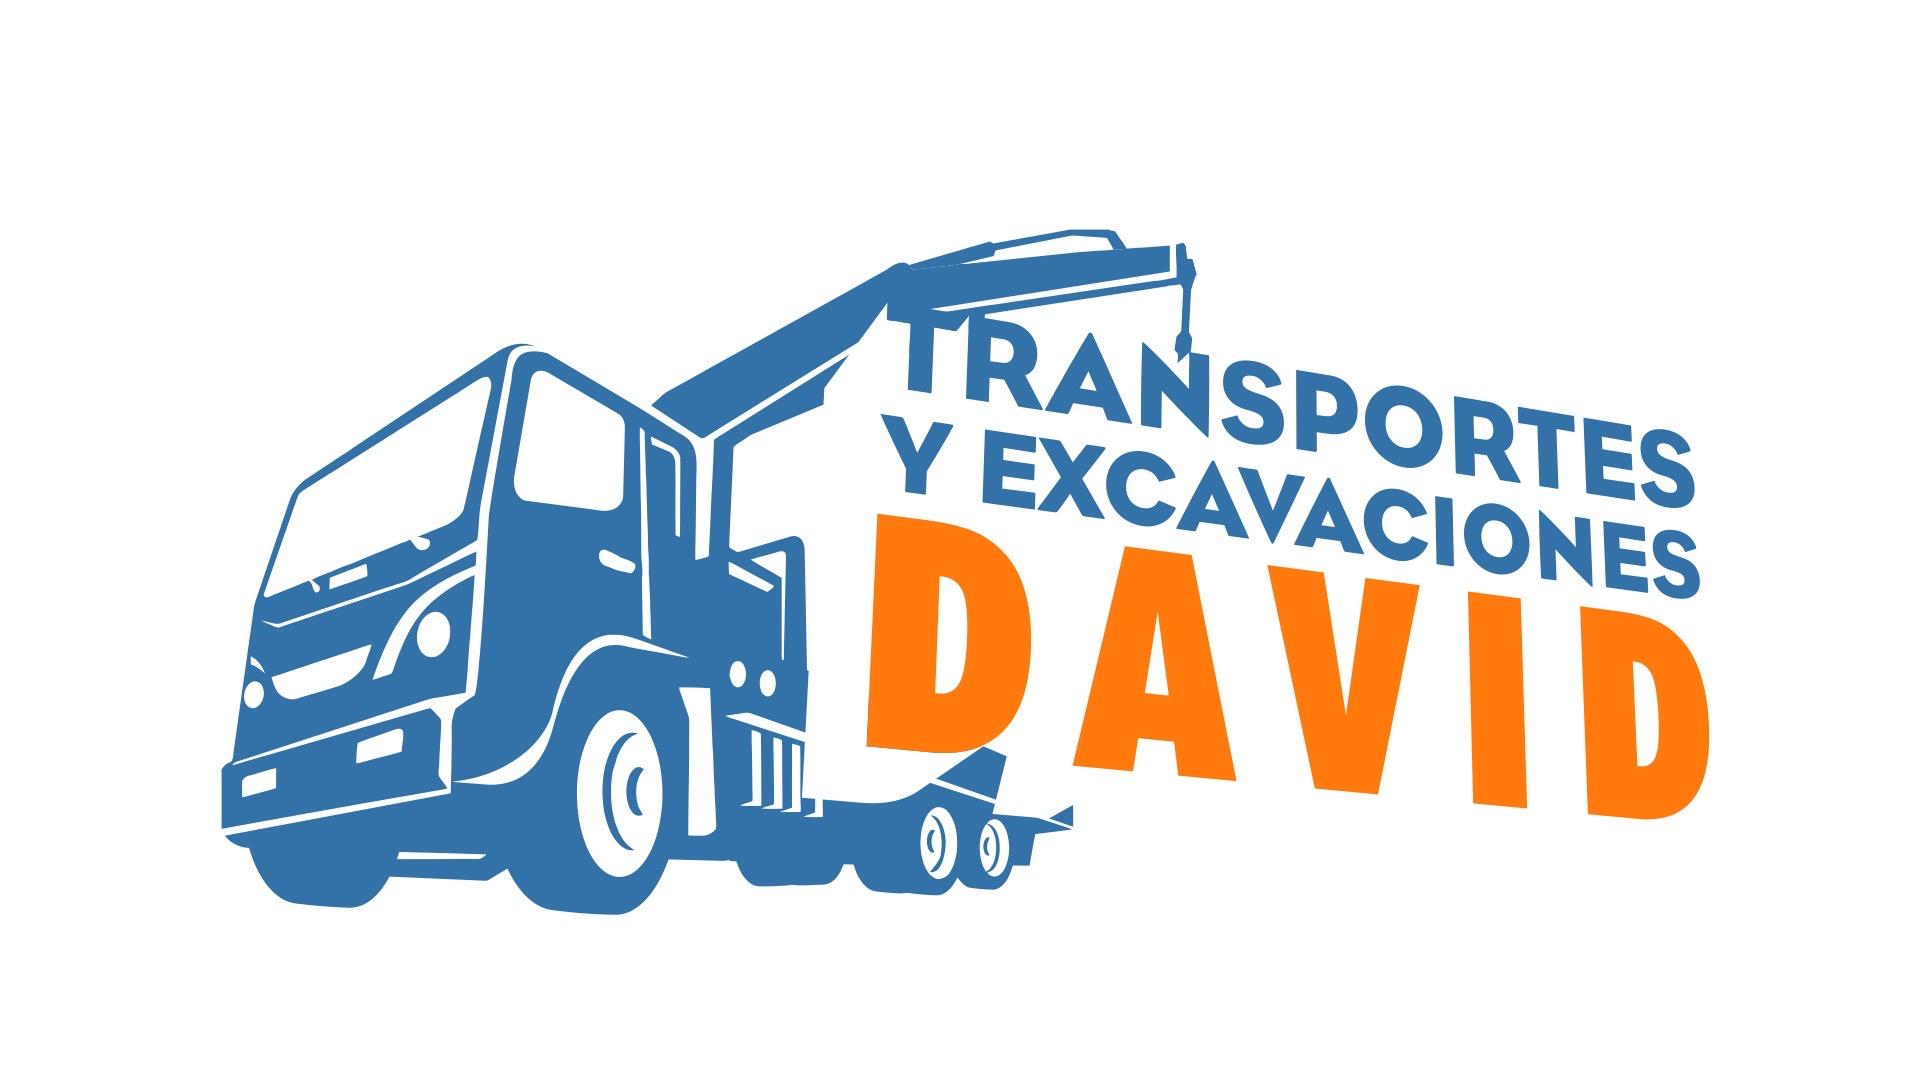 Transportes y Excavaciones David